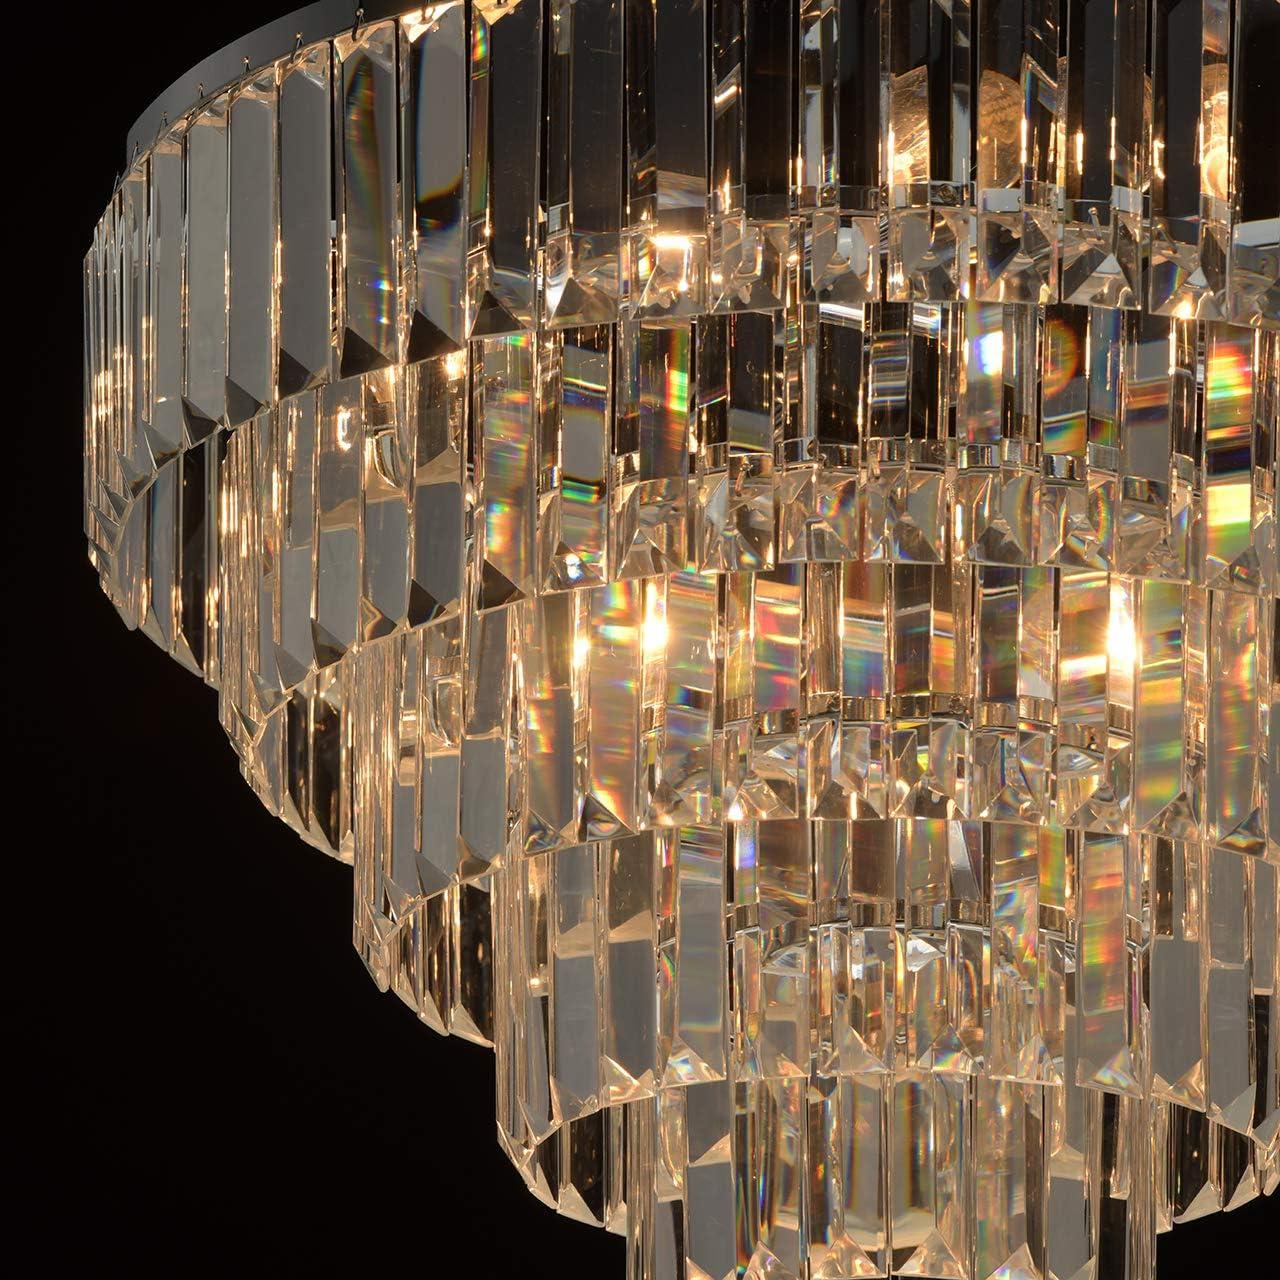 MW-Light 642022601 Wandleuchte Jugendstil Neoklassisch Chrom Metall Kristall Dekor 1 Flammig E14 x 60W